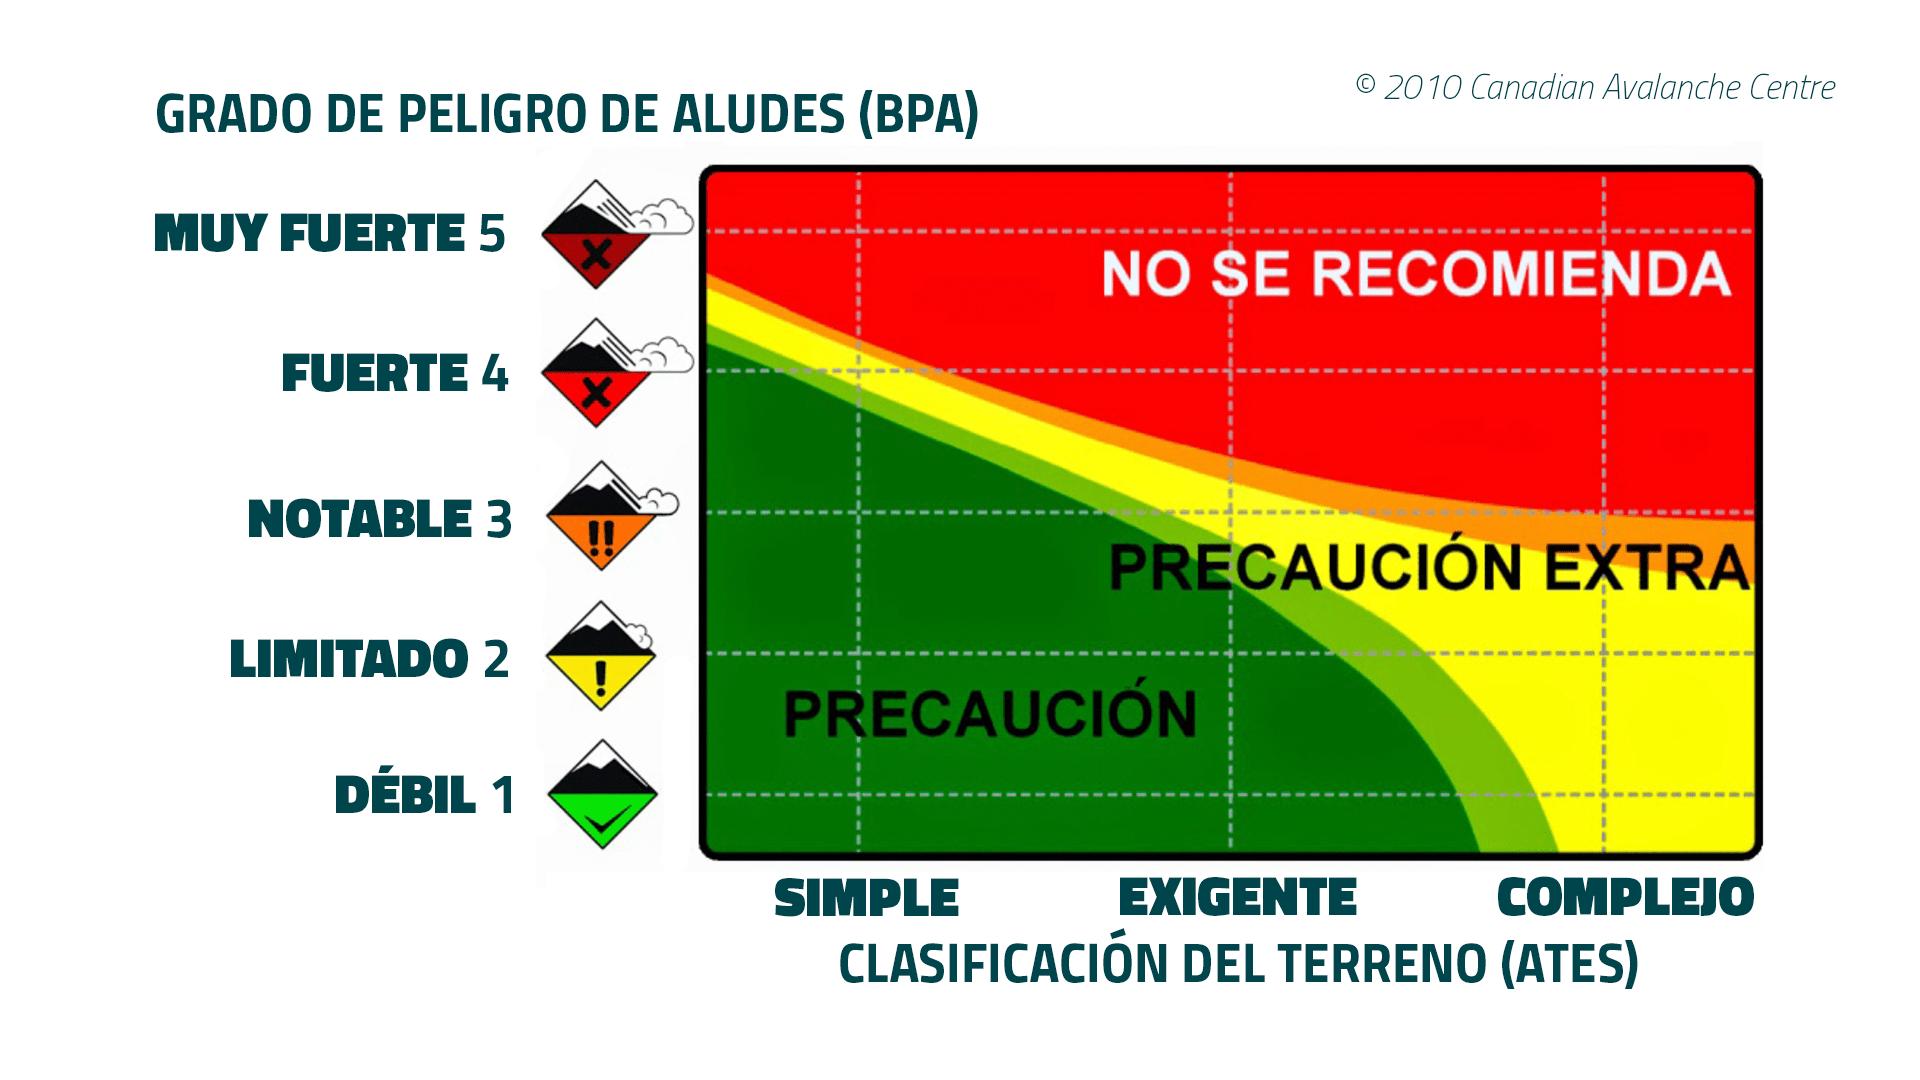 EVALUADOR ALUDES clasificación